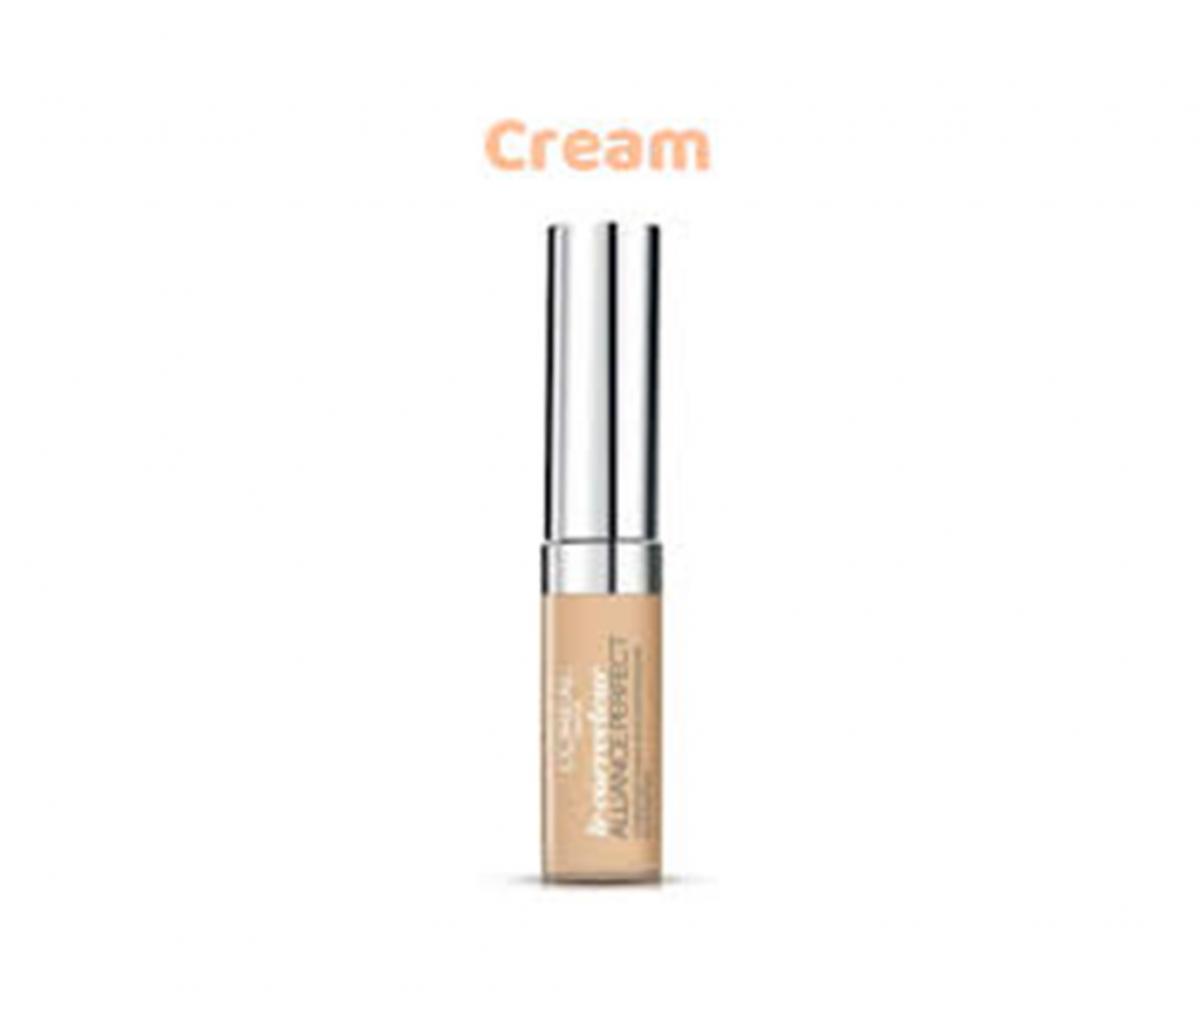 L'Oreal 3 Cream True Match Concealerr